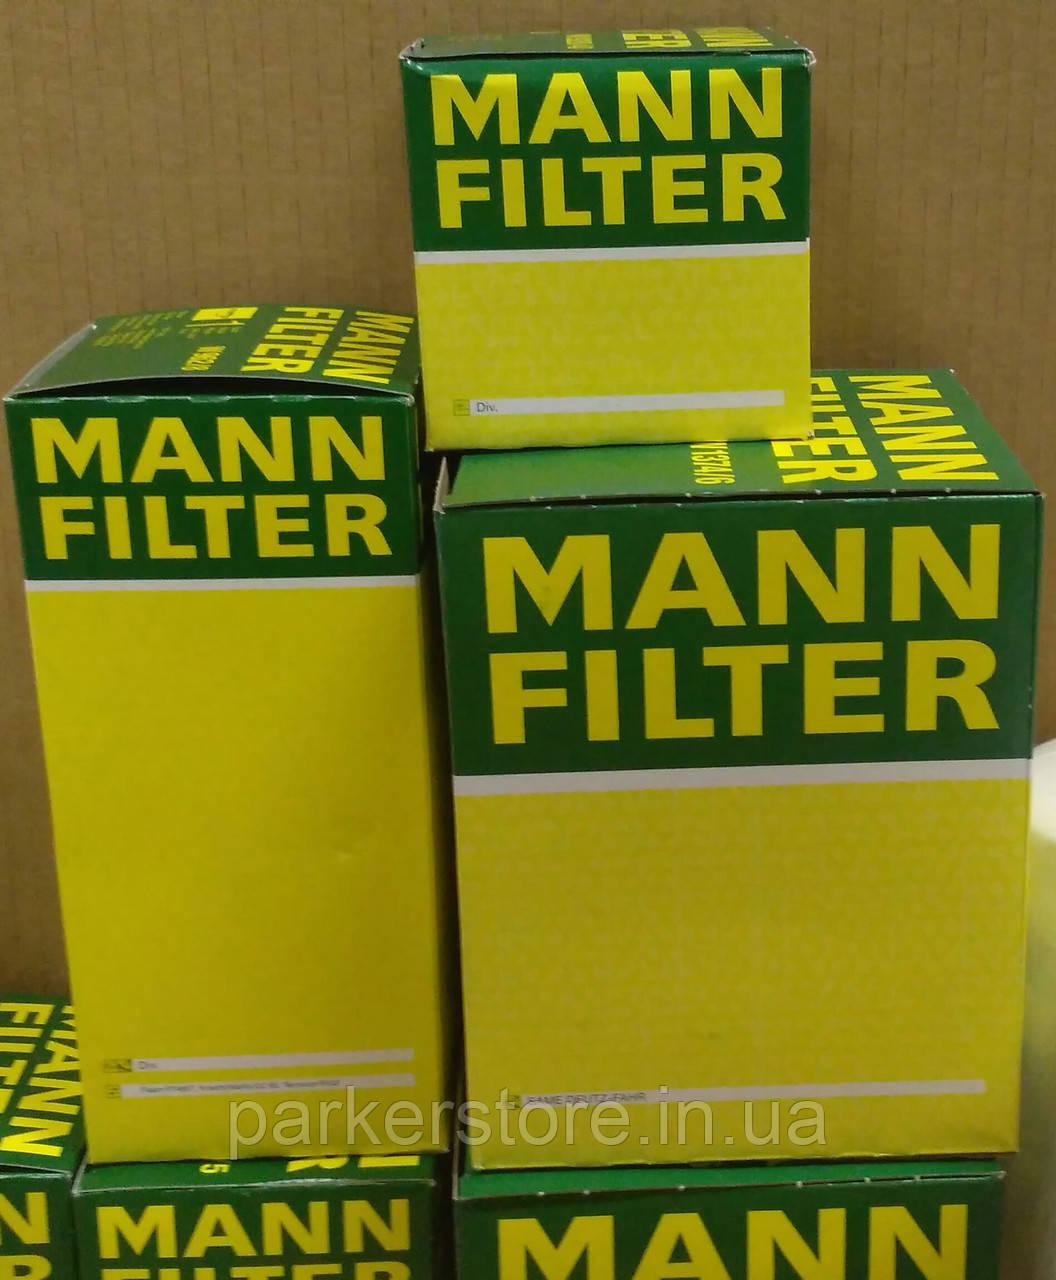 MANN FILTER / Повітряний фільтр / C 2872 / C2872